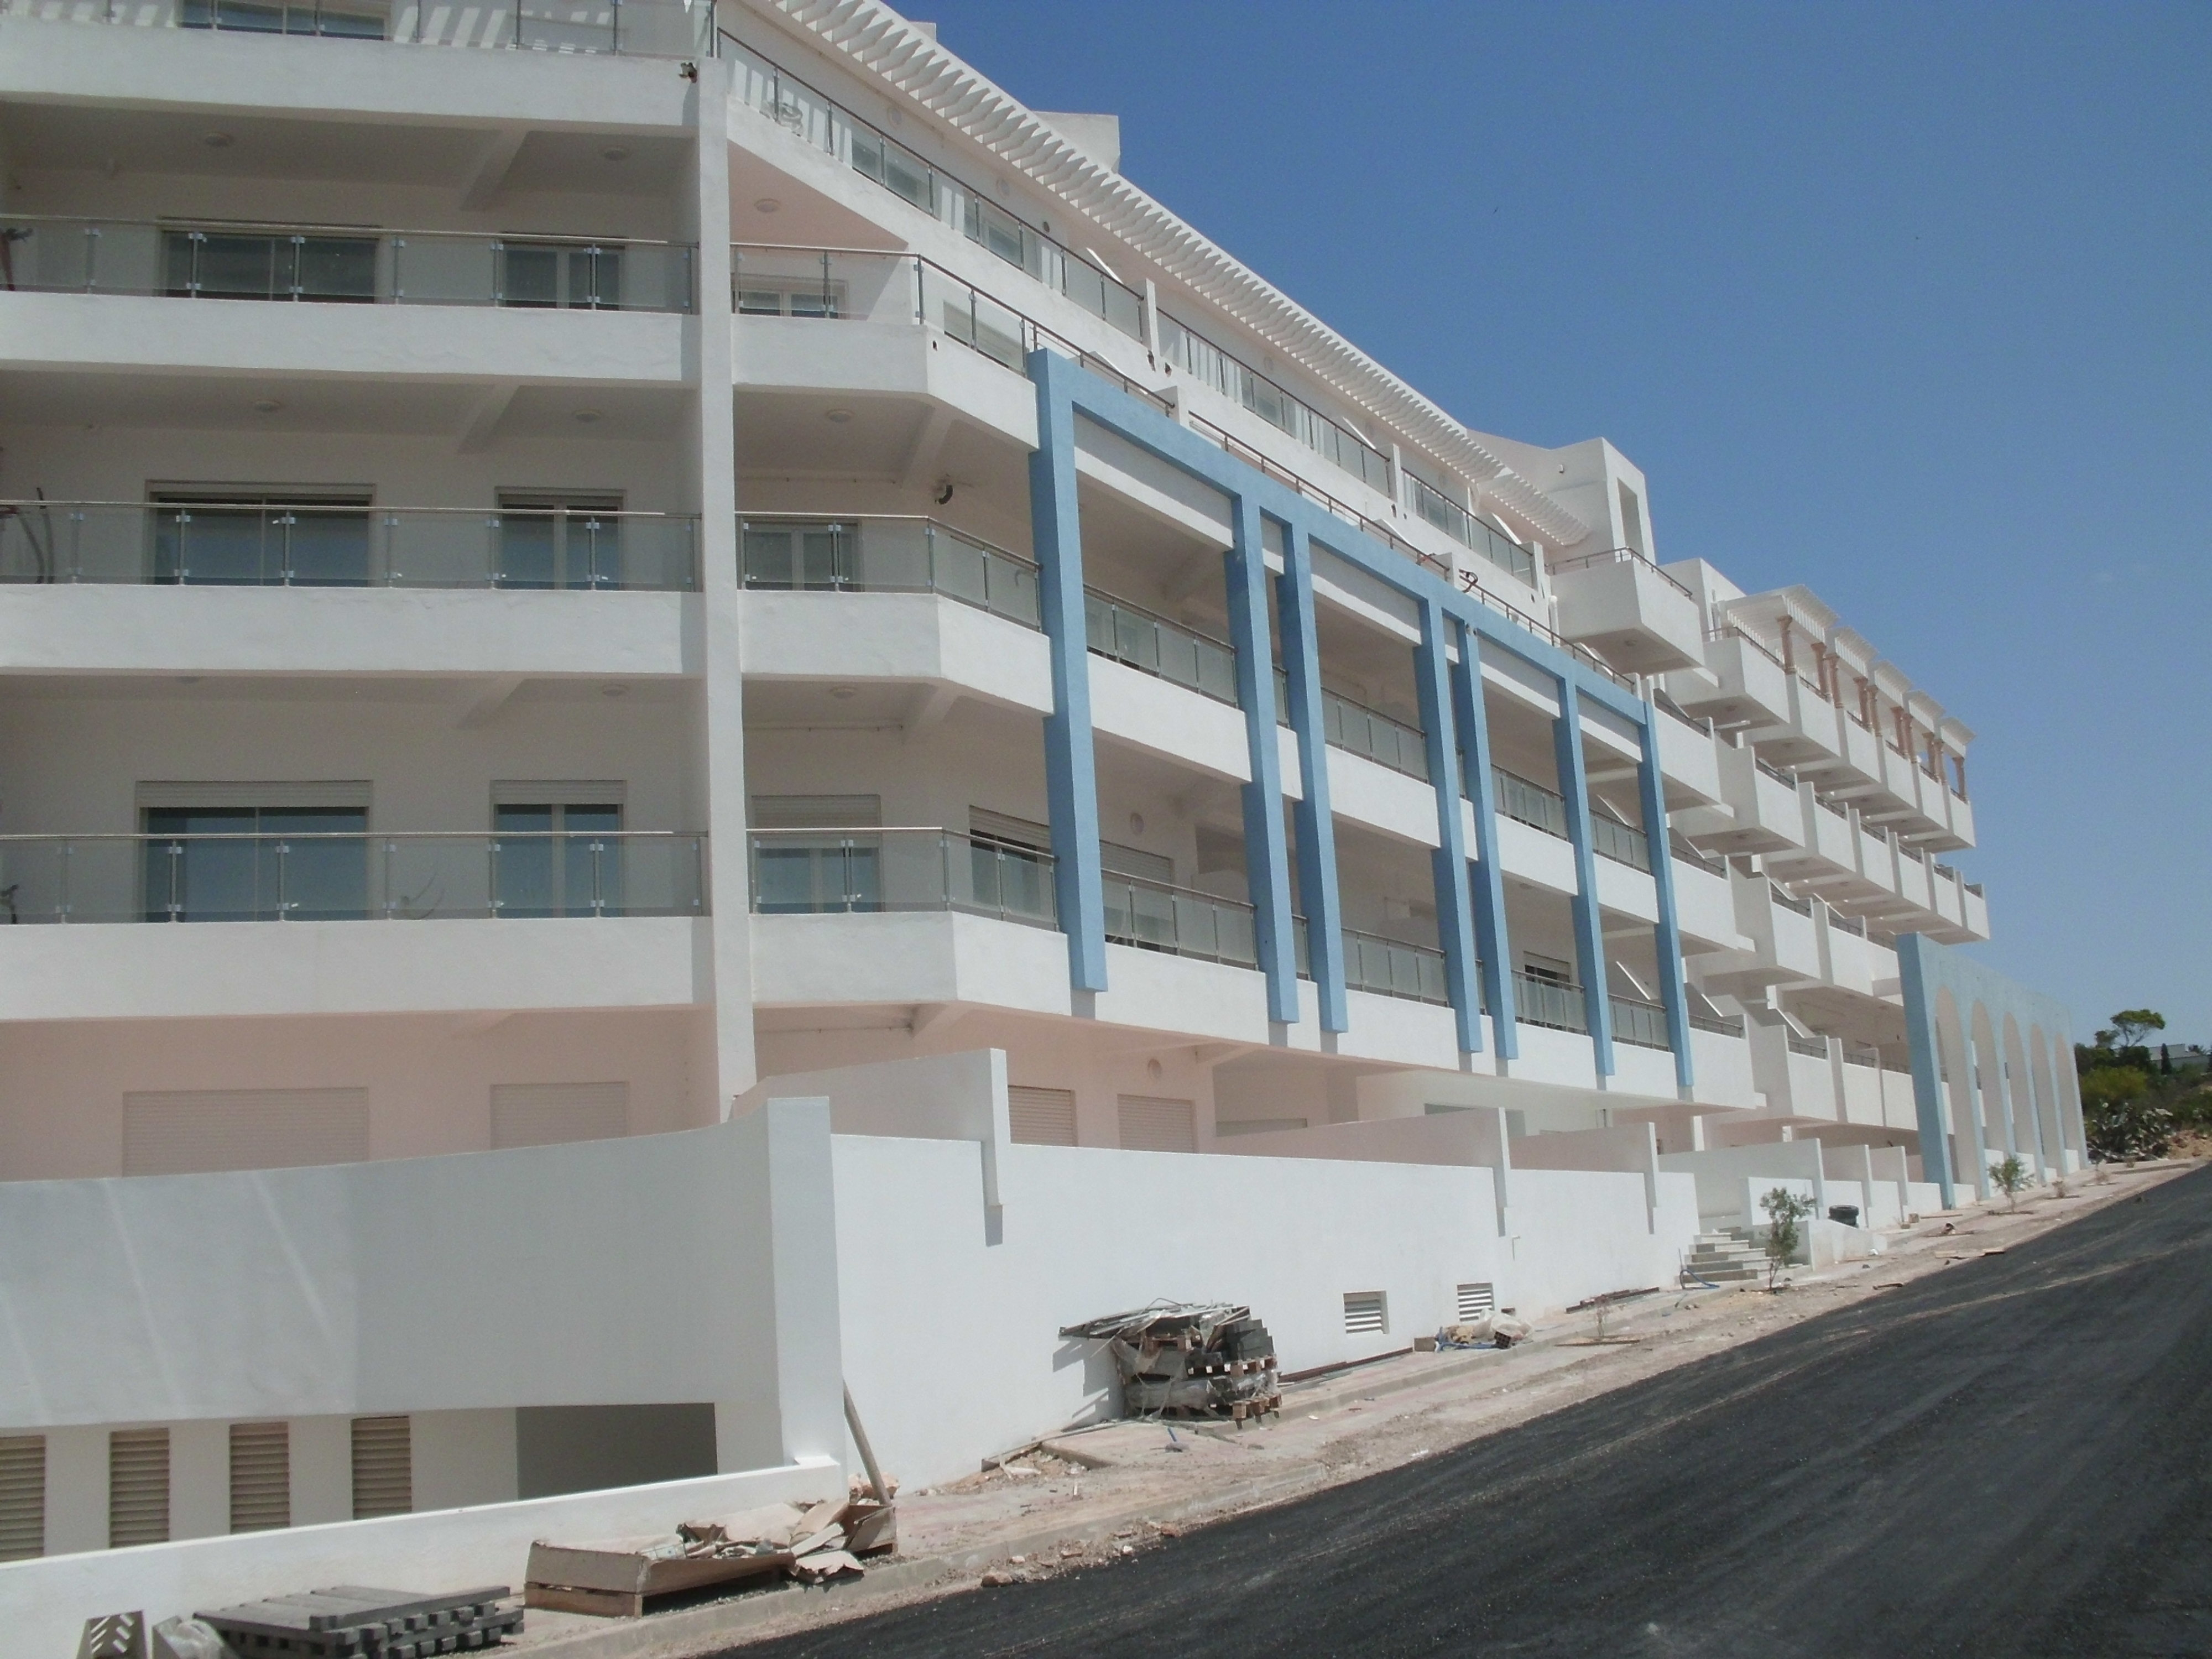 Sousse Hergla résidence studios et appartements à 100 m de la mer méditerranée, un endroit magique pour vivre